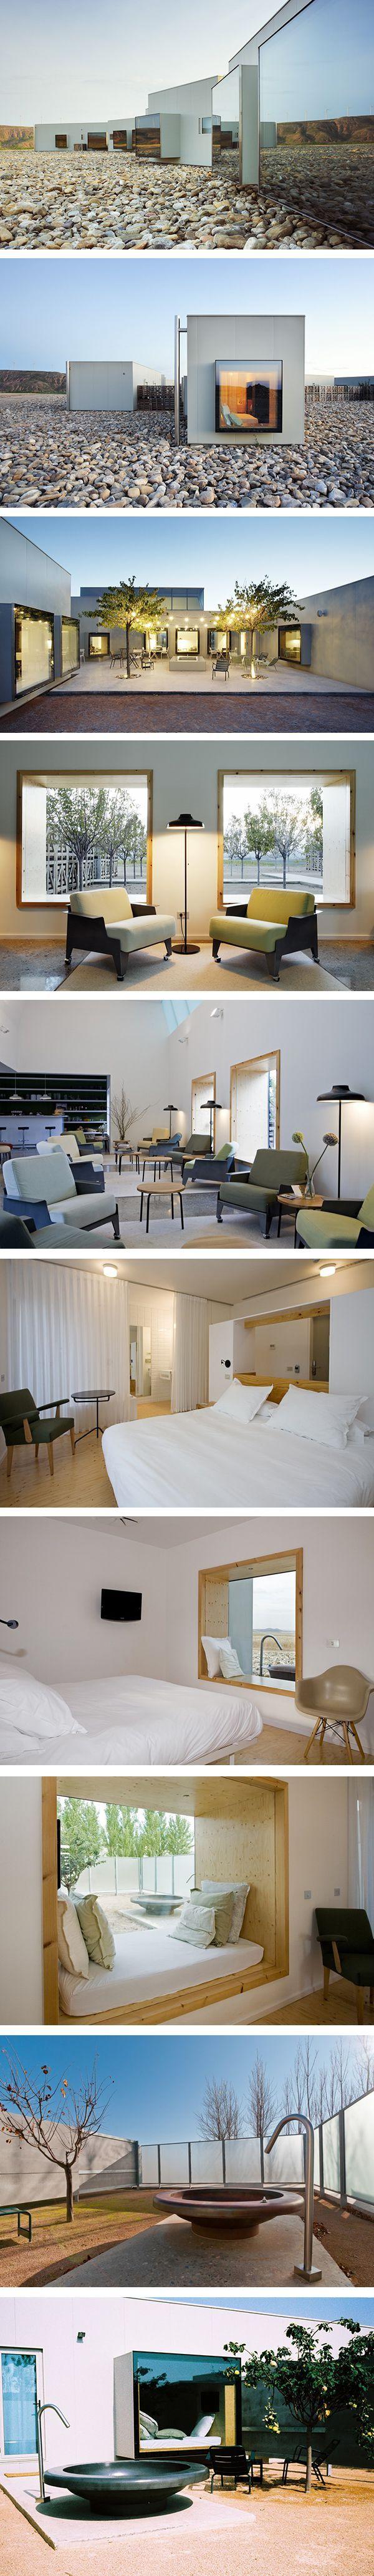 hotel Aire de Bárdenas Spain Espana design architecture                                                                                                                                                                                 Más